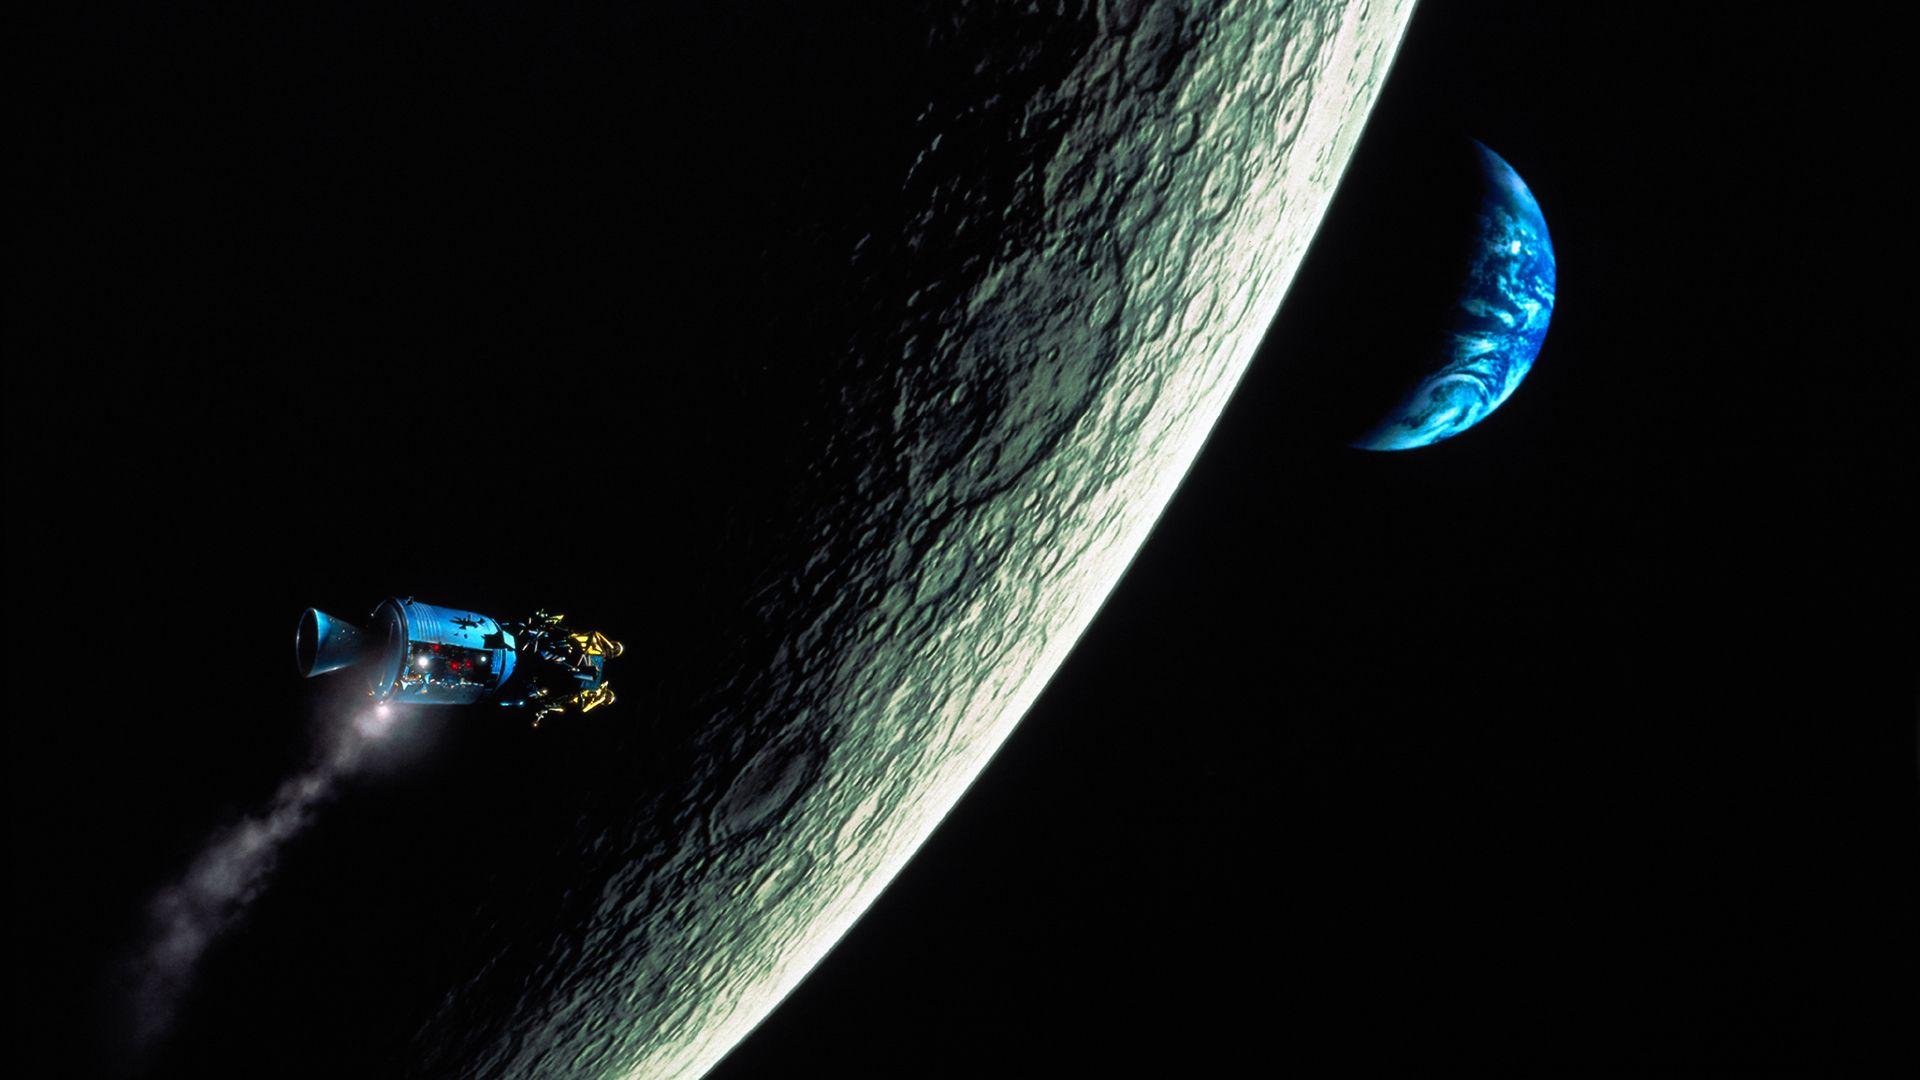 nasa apollo spaceship - photo #28